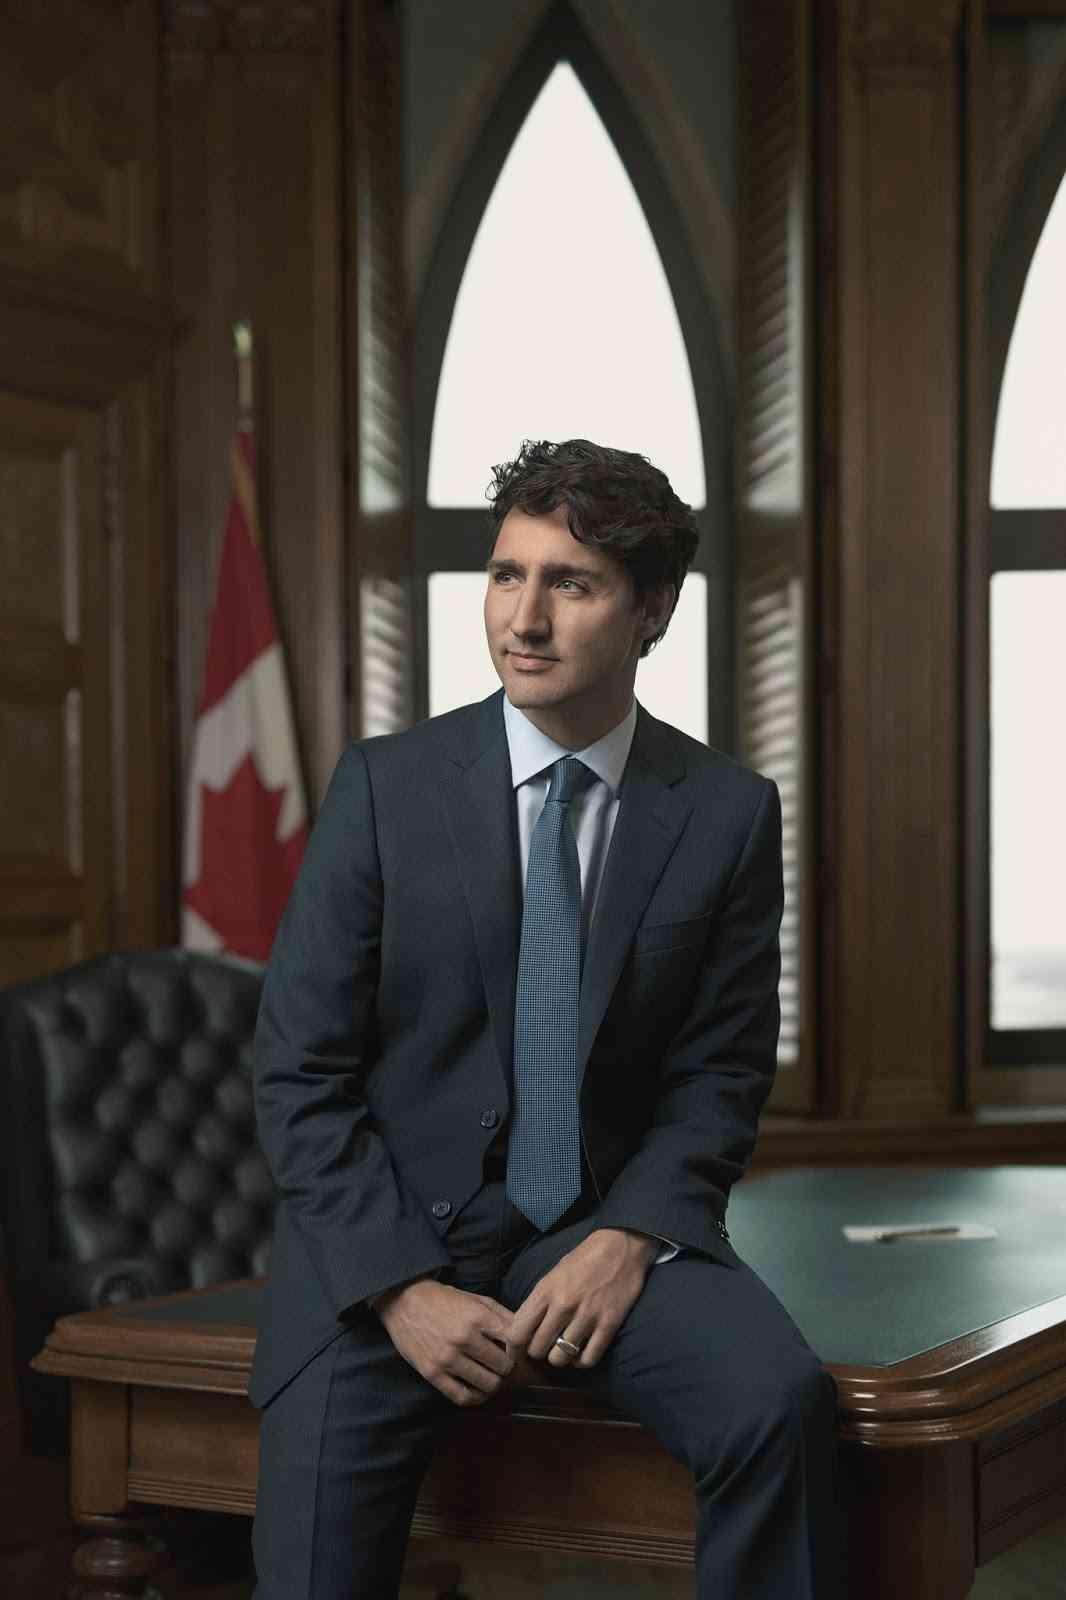 カナダが10月17日に主要国初の大麻解禁へ、トルドー首相の公約